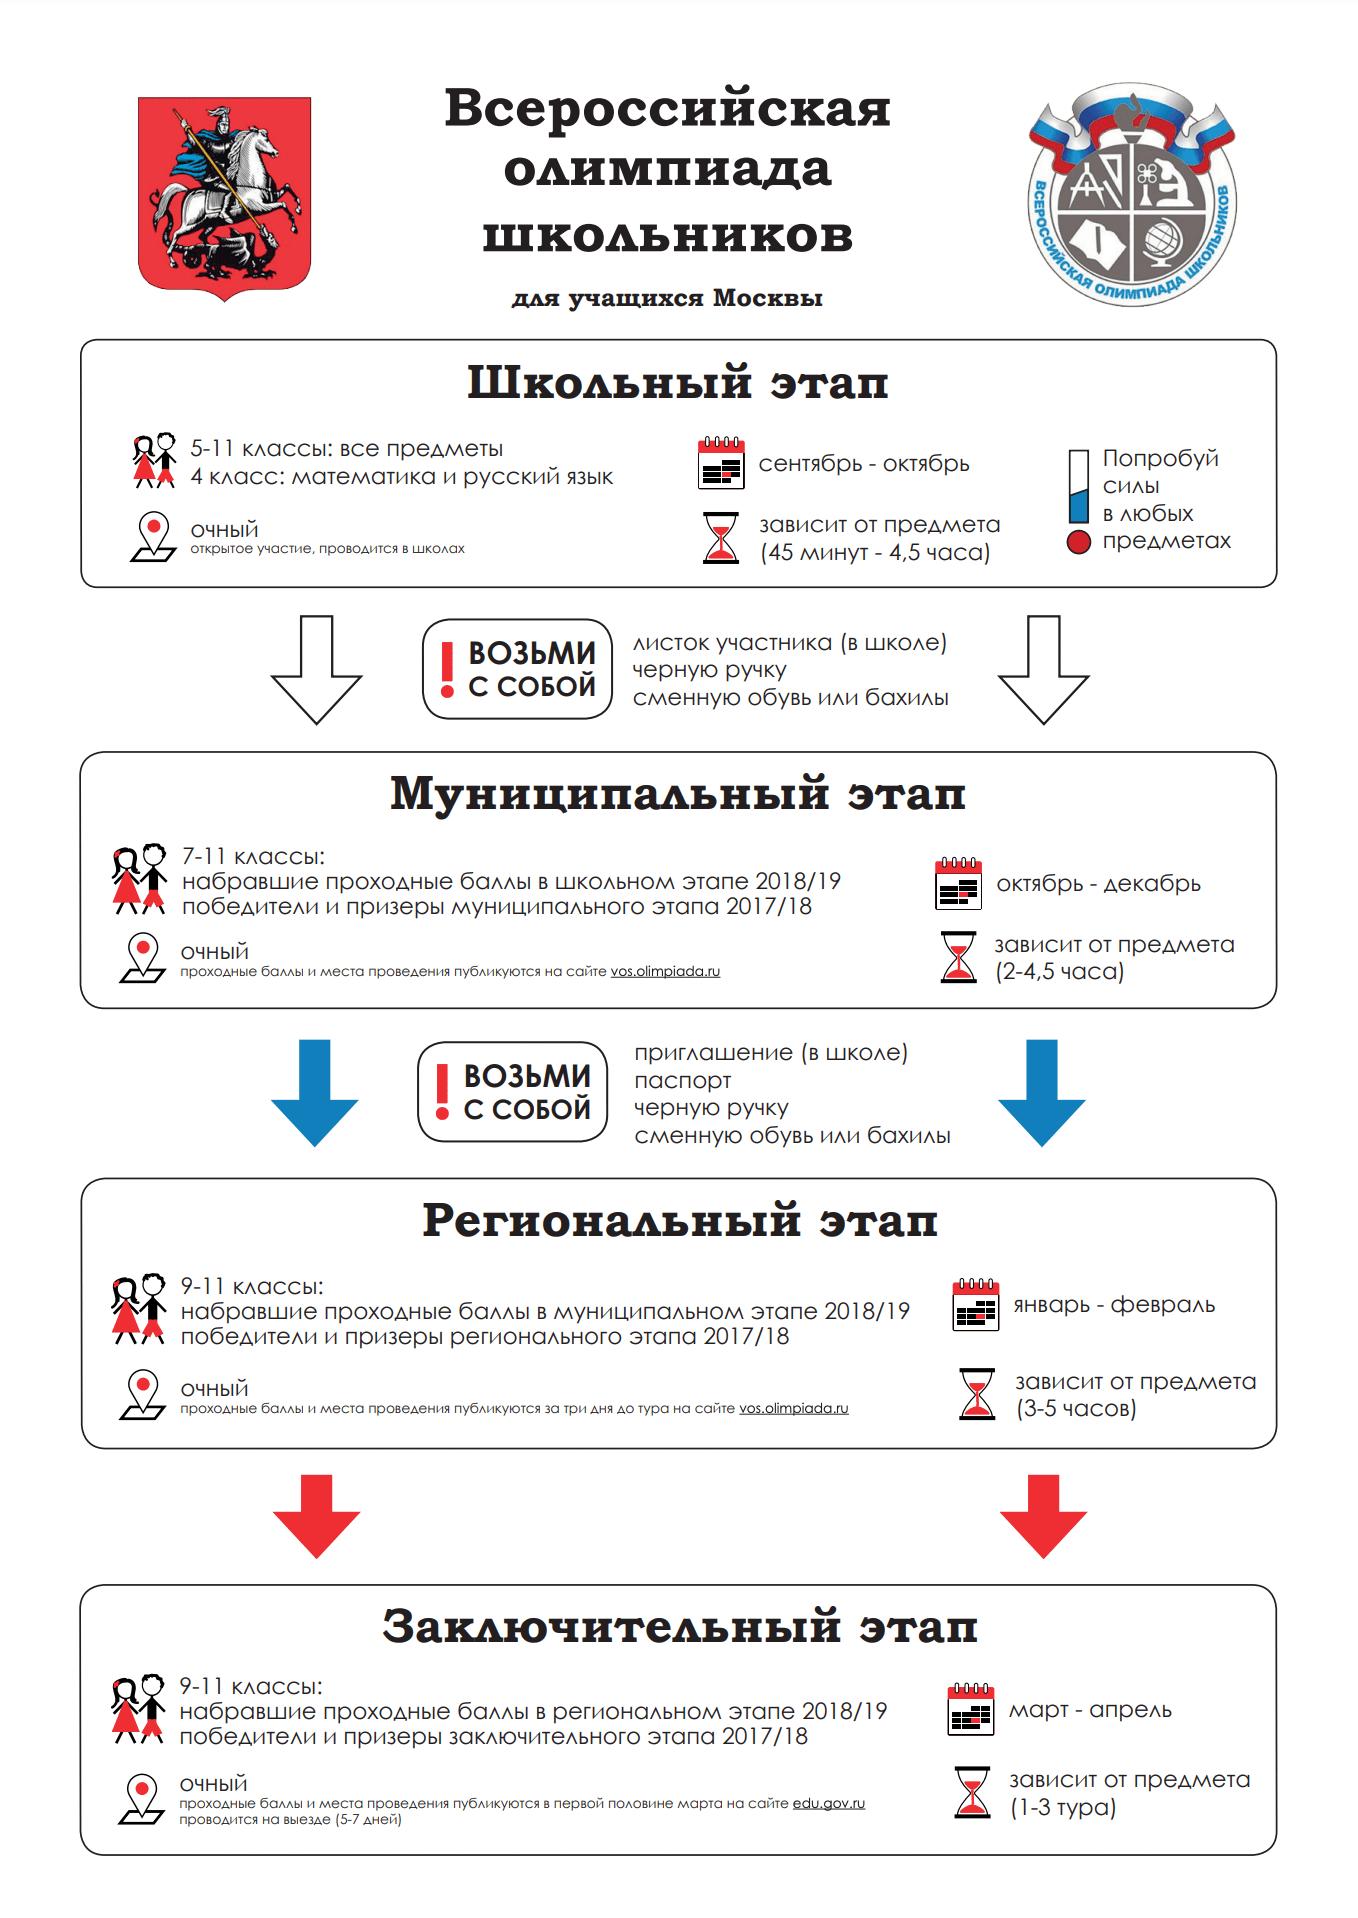 Памятка с сайта команды Москвы